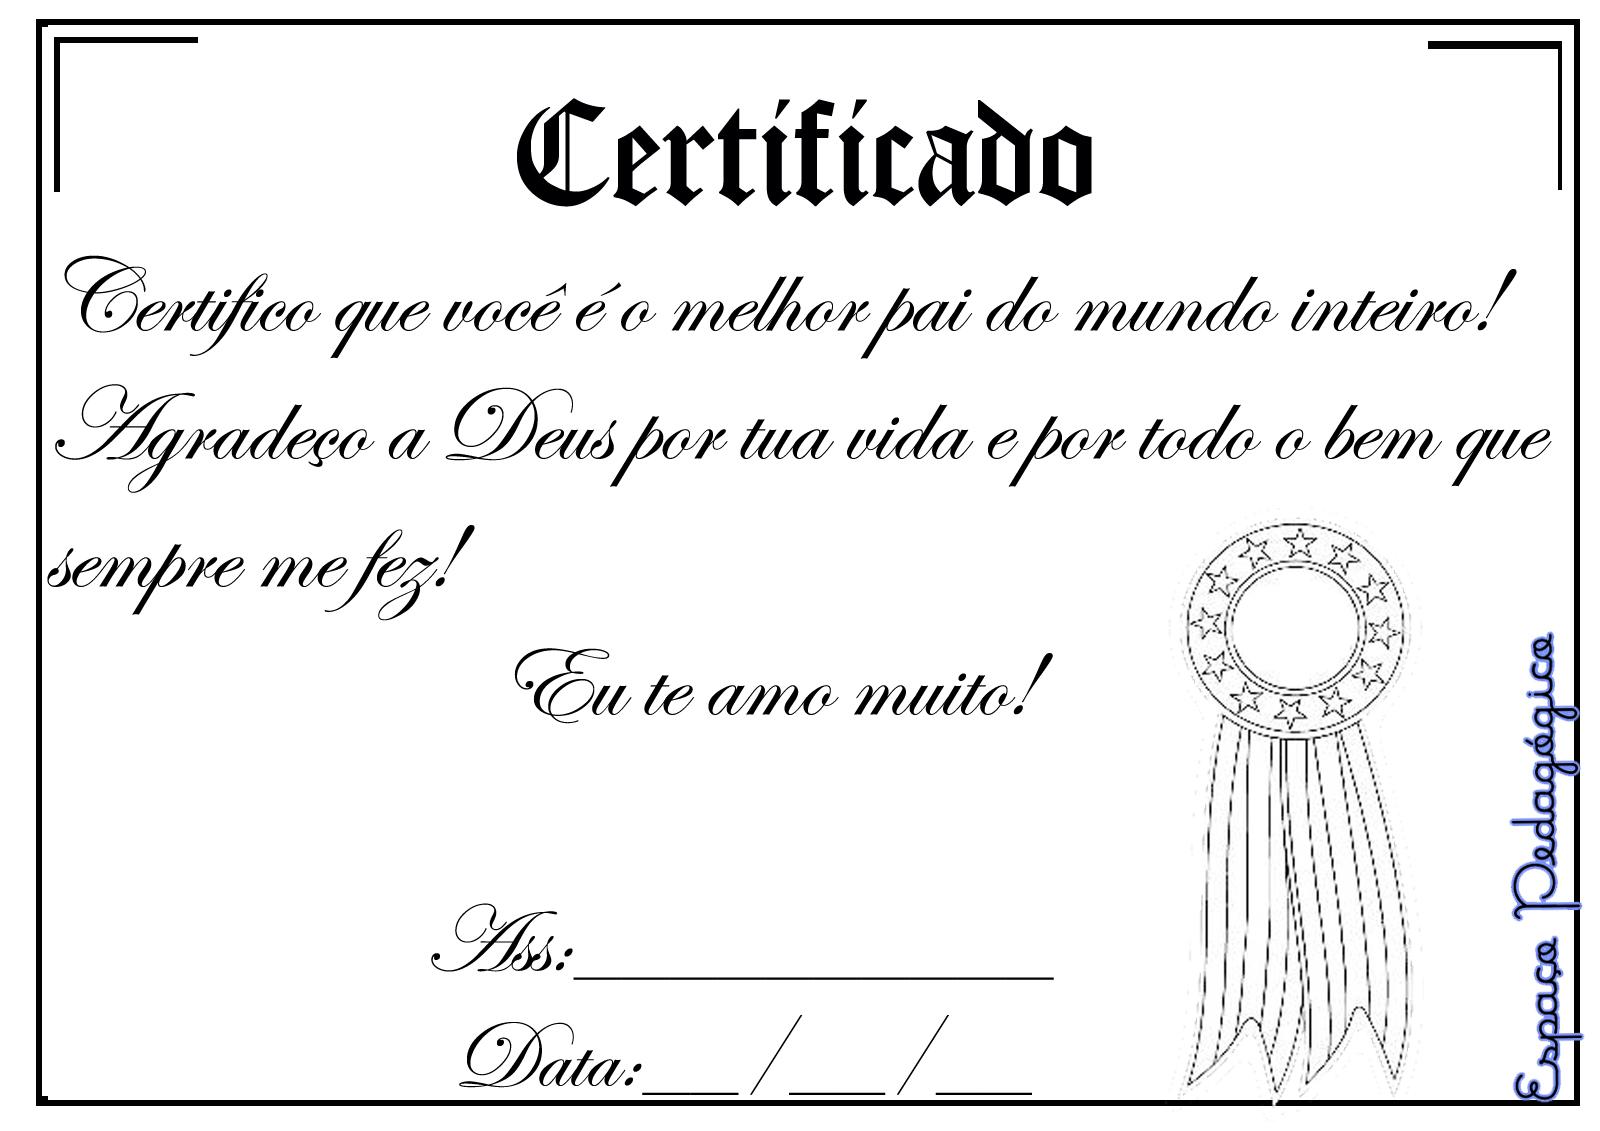 certificado_dia_dos_pais_espa%25C3%25A7o+pedag%25C3%25B3gico+liza.jpg